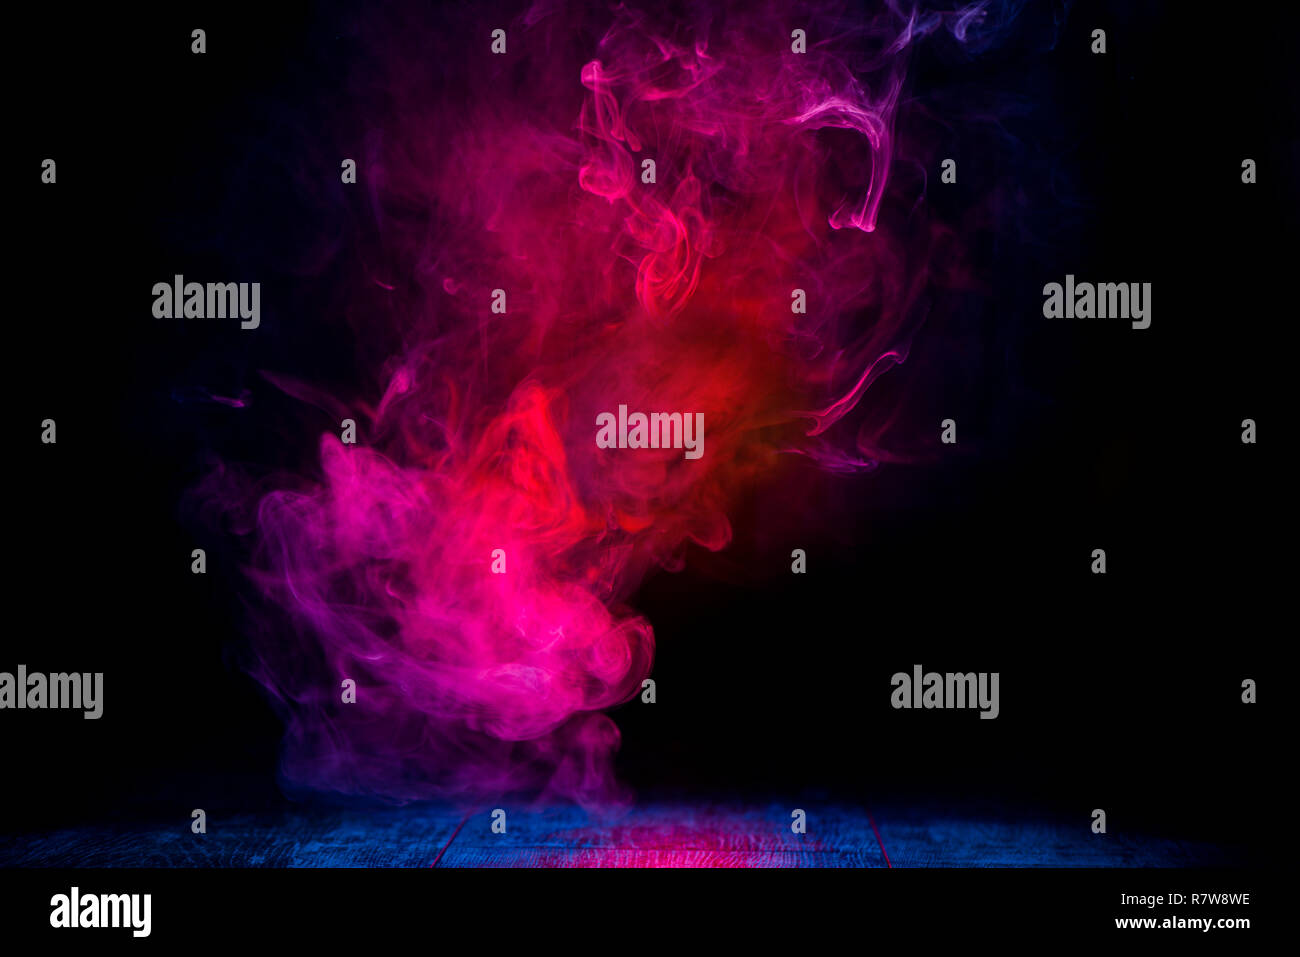 Patrones de humo rojo y azul en fondo oscuro Imagen De Stock